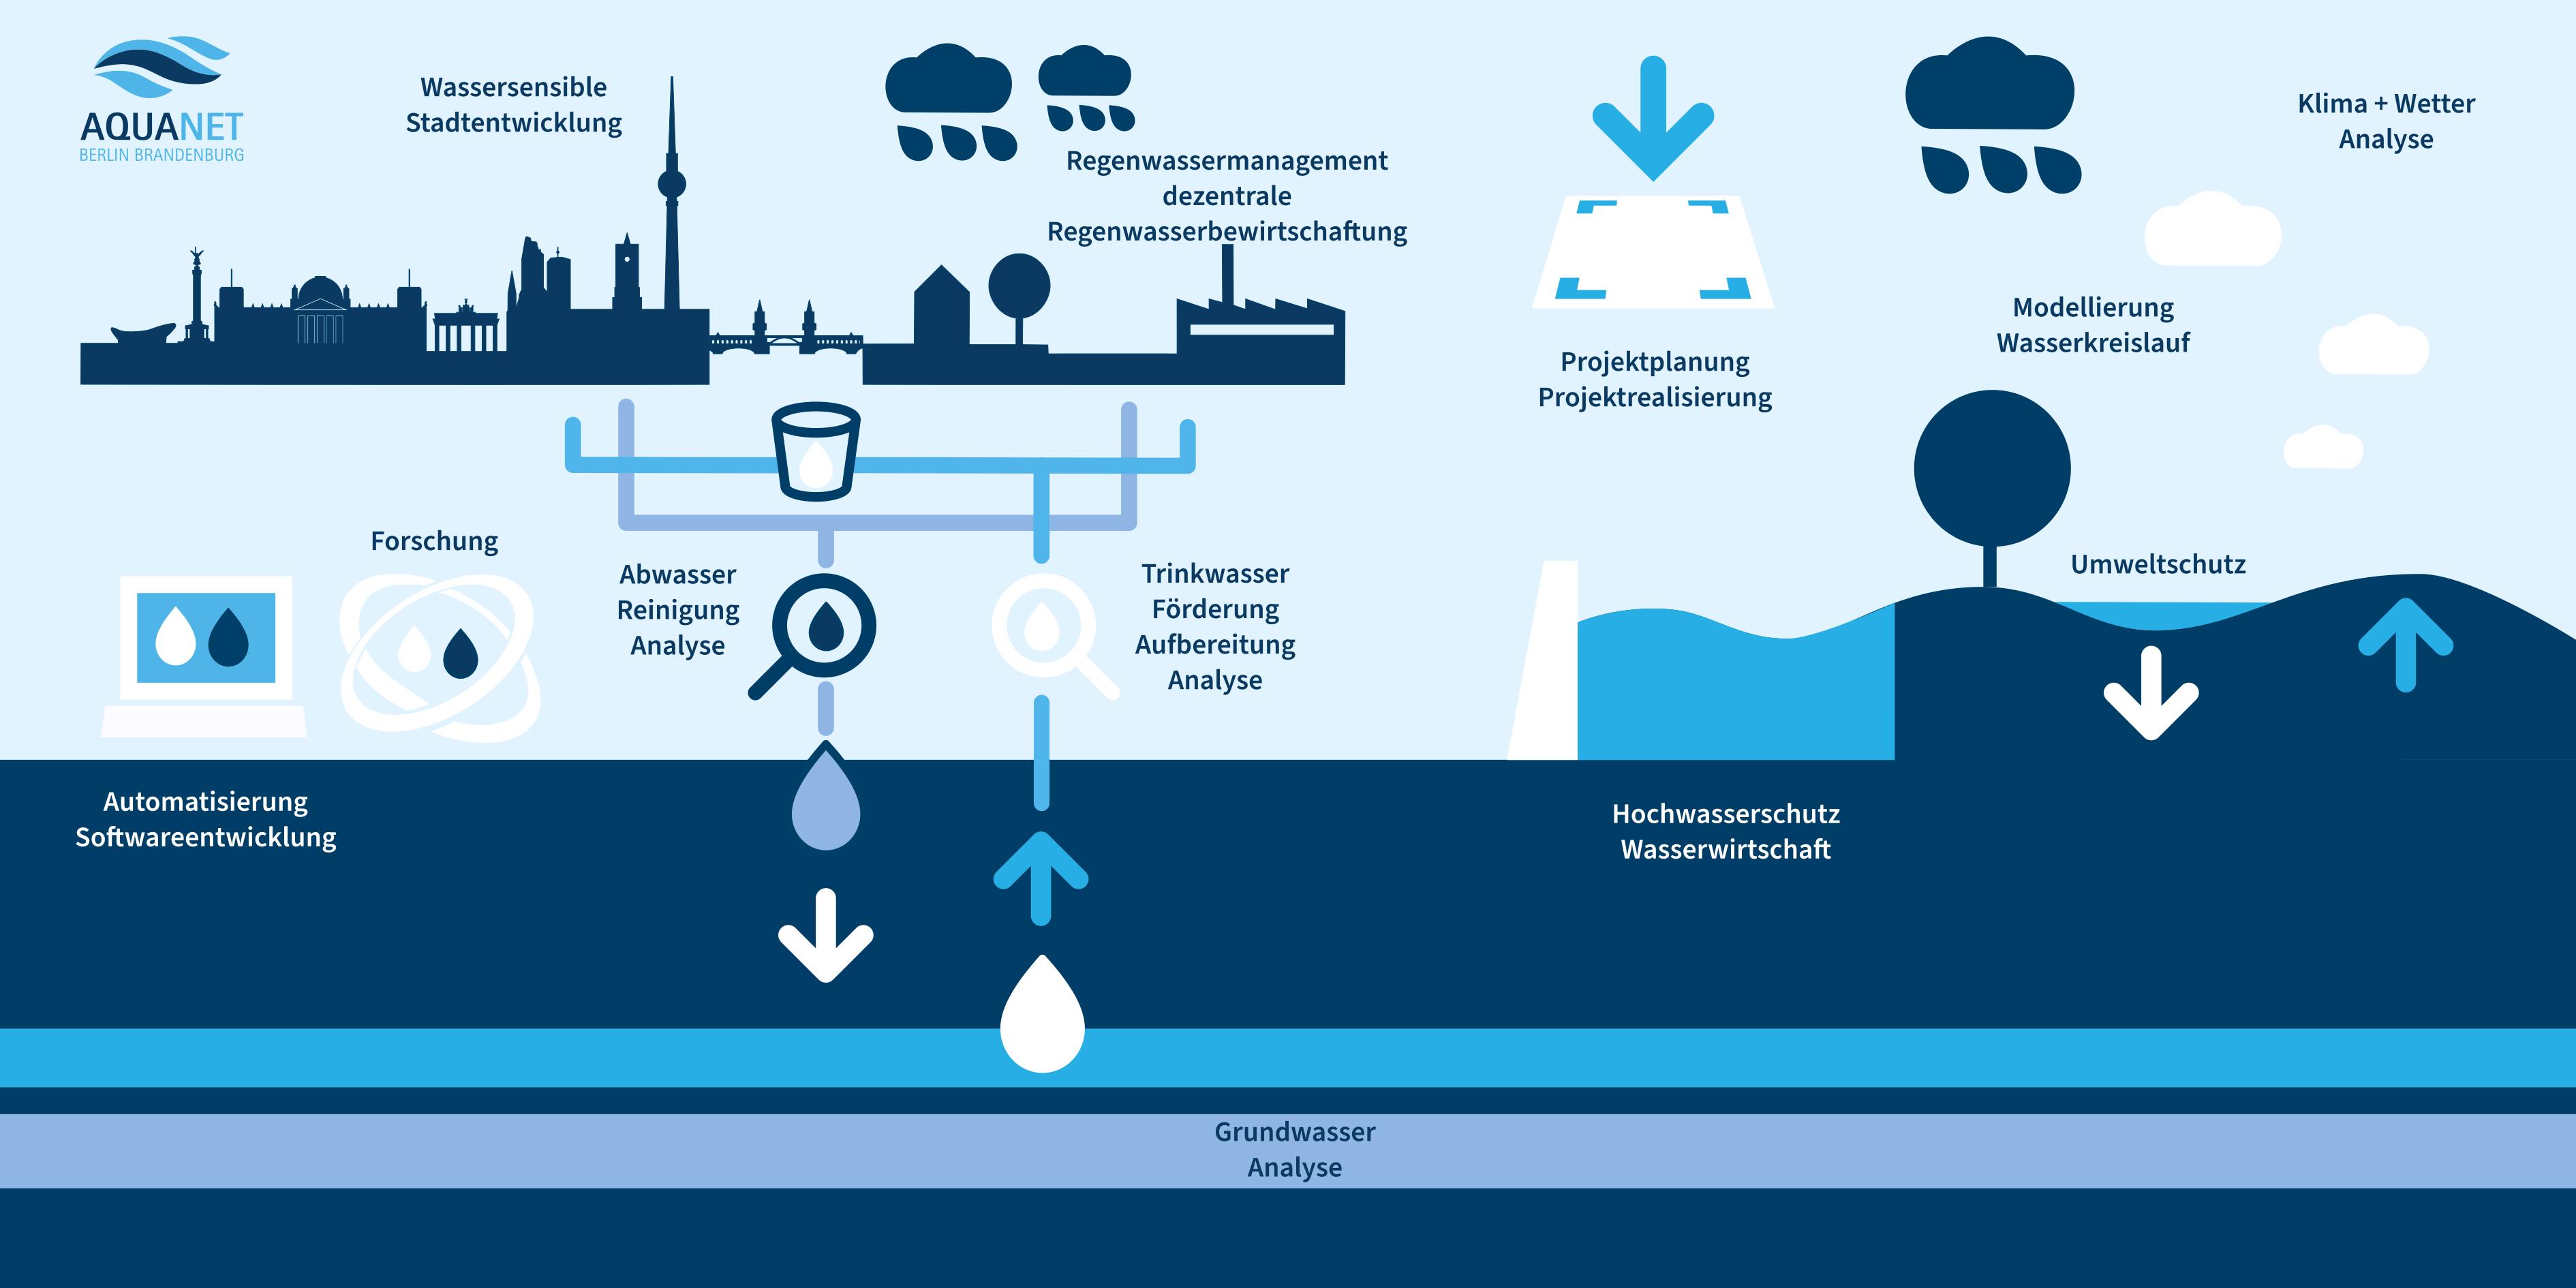 Wasserkreislauf und Themenbereiche der AQUANET Mitglieder